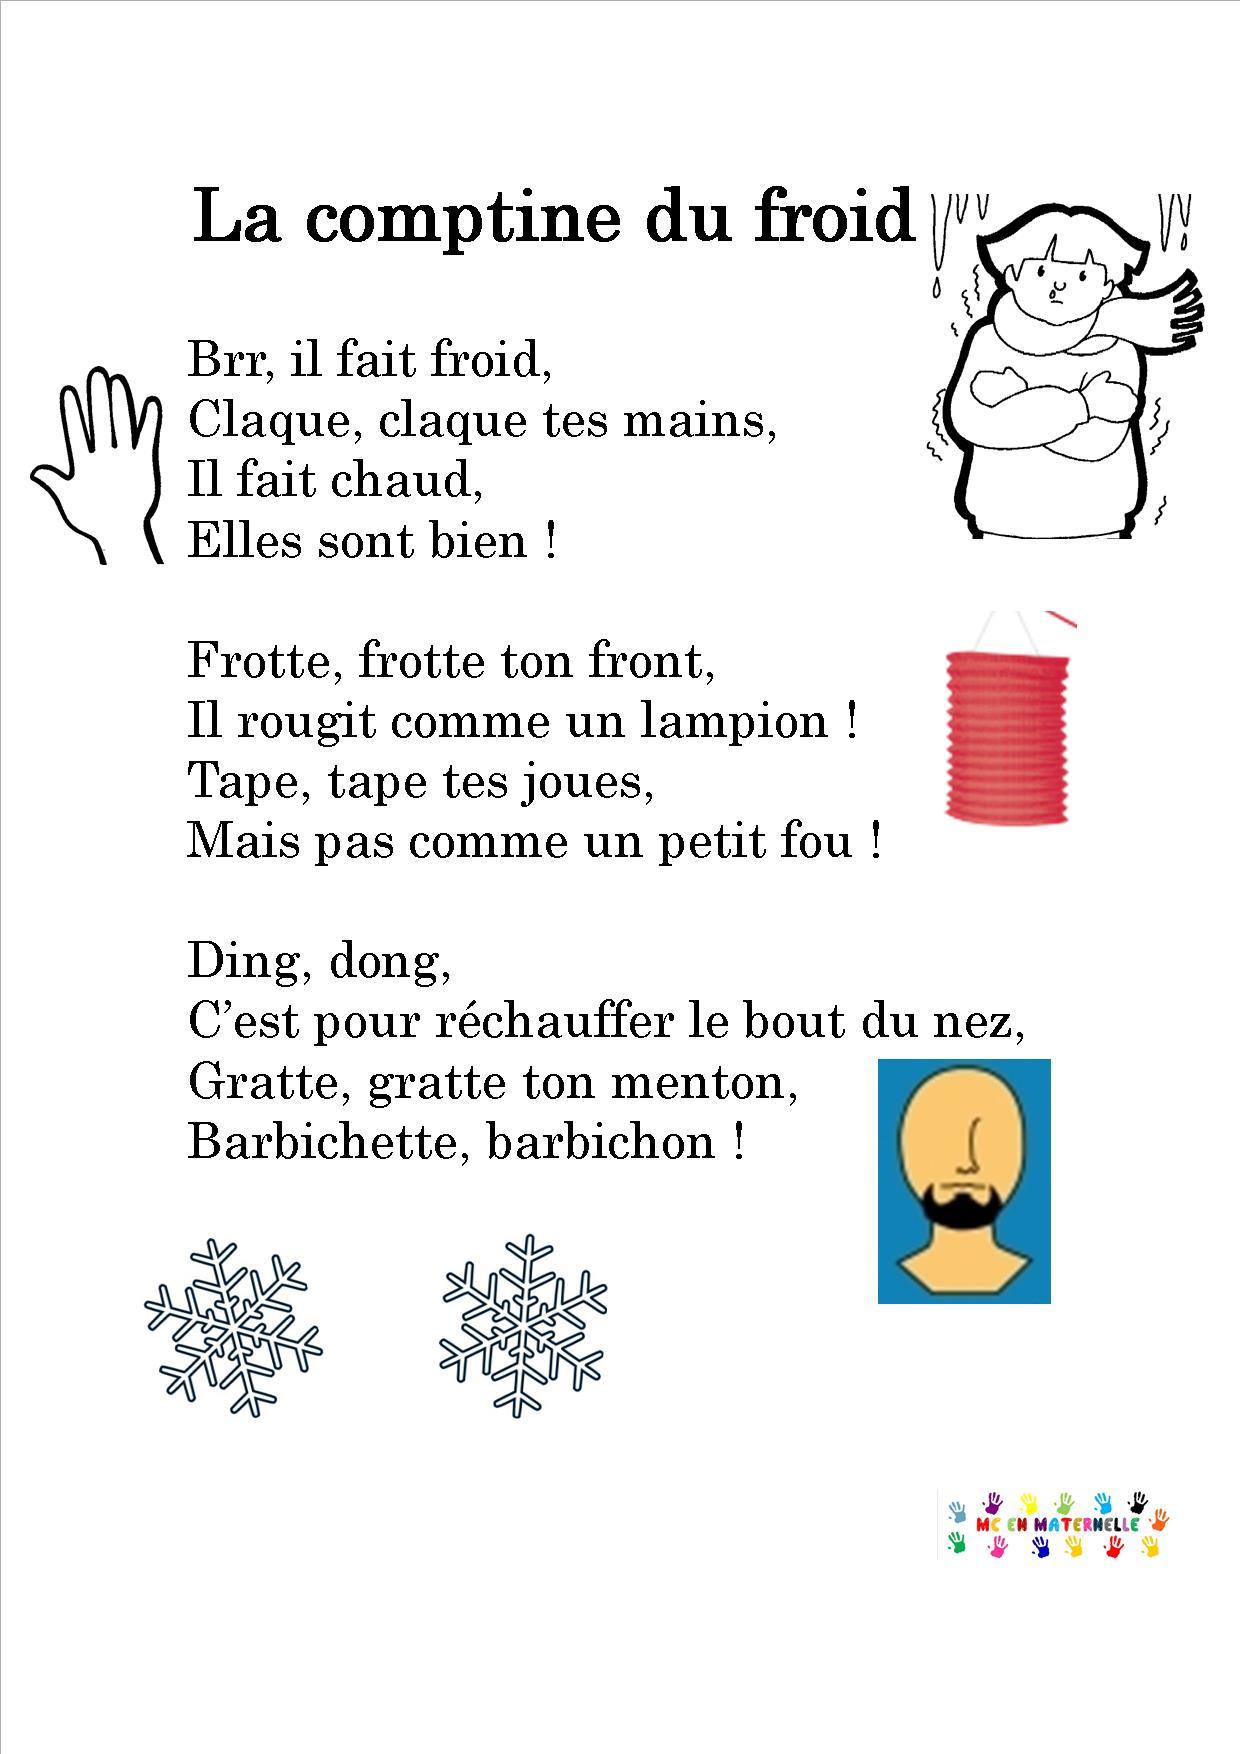 Comptine du froid mc en maternelle - L hiver 2017 2018 sera t il froid ...